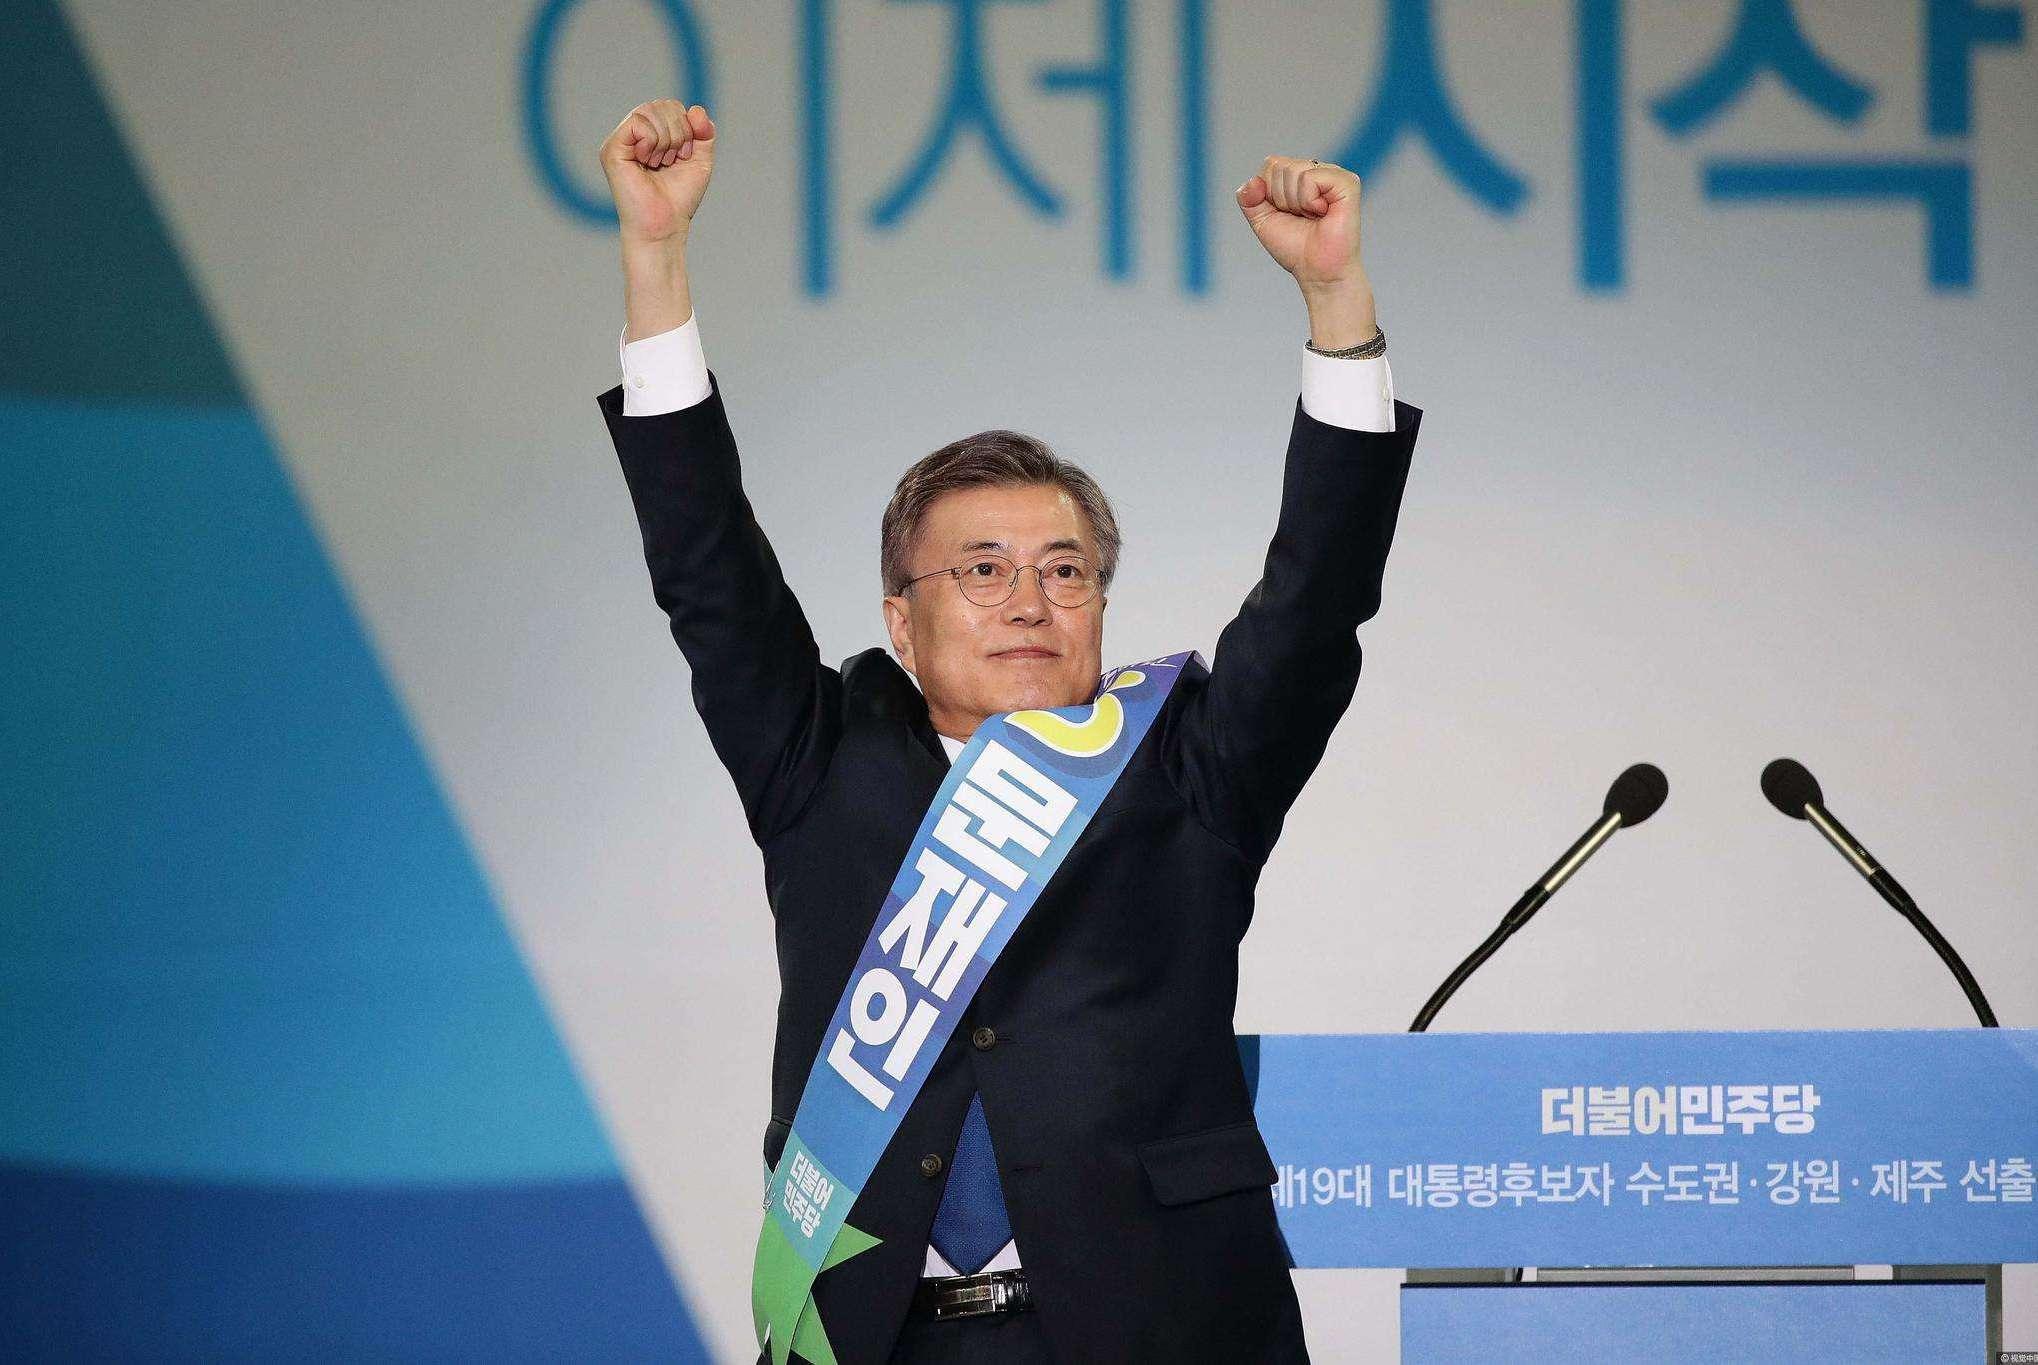 韩国经济数据持续下行,文在寅能拯救韩国经济和自己的支持率吗?